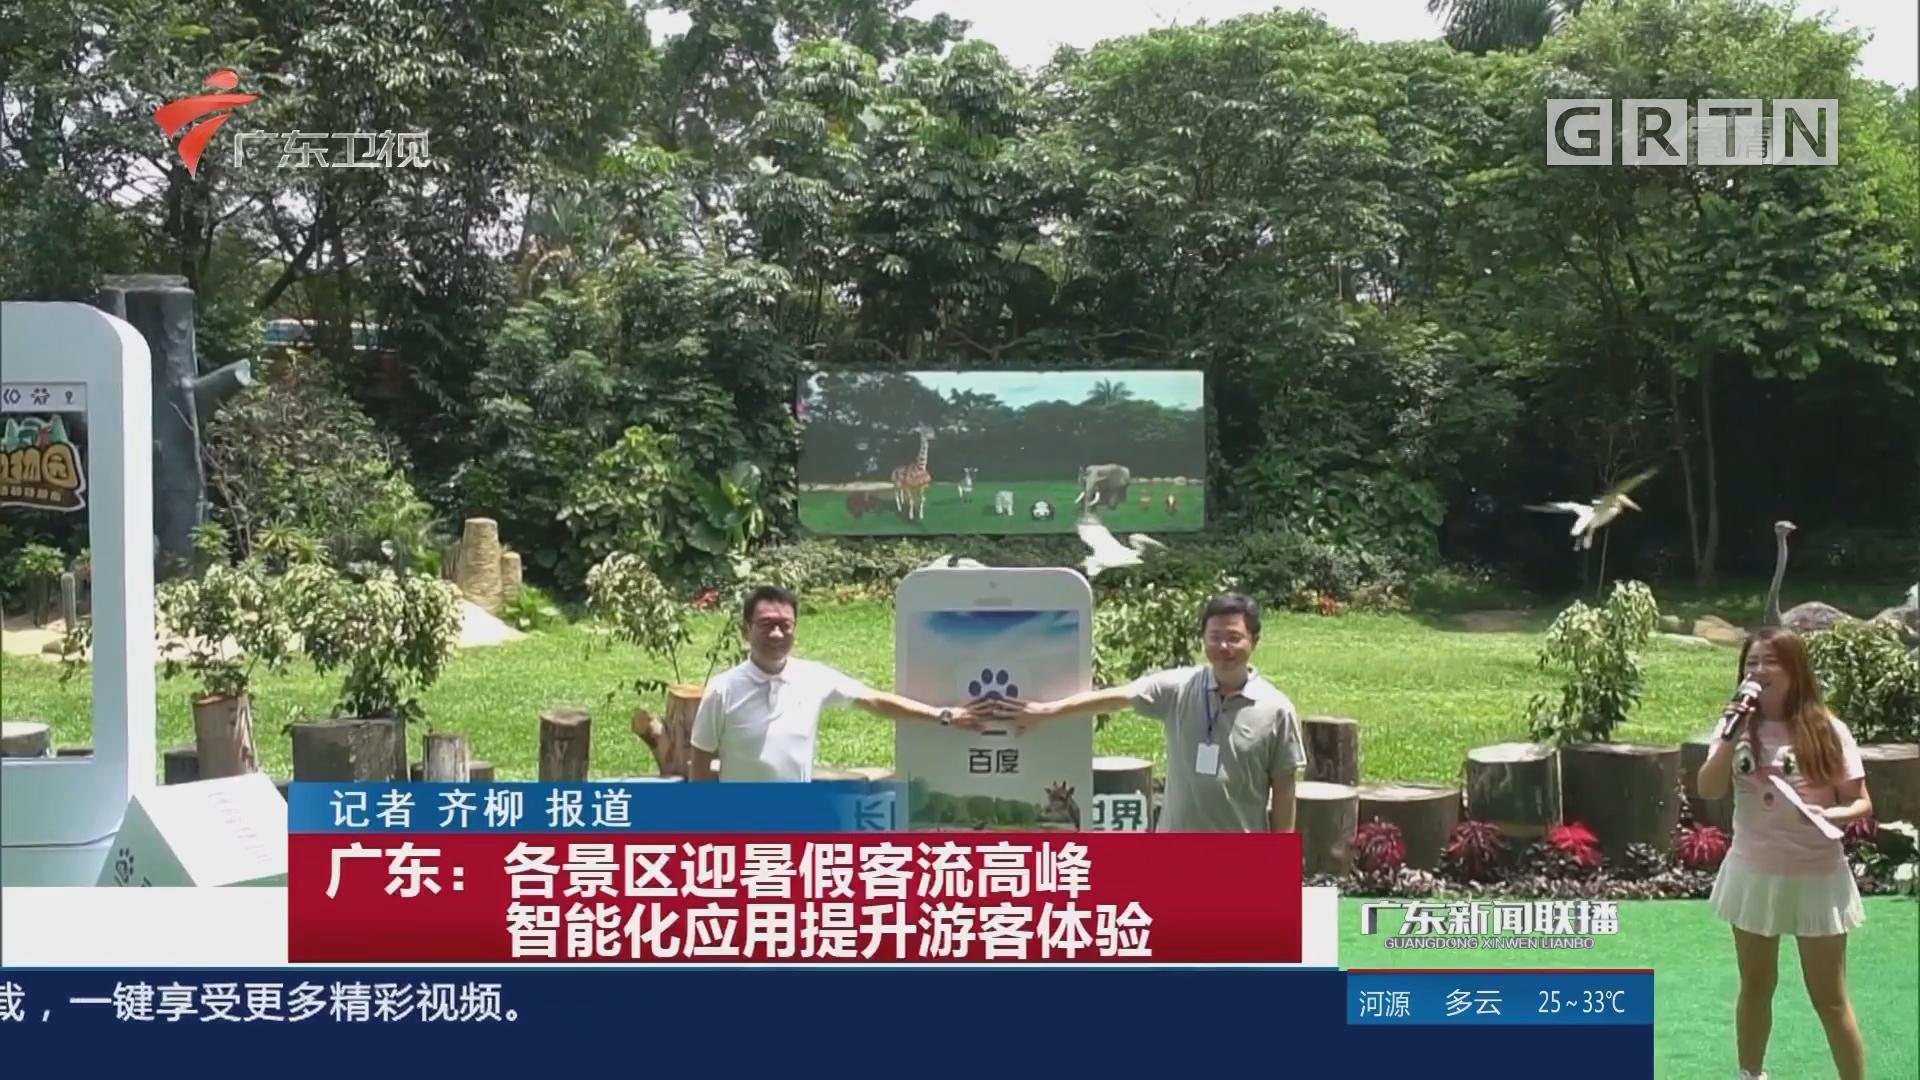 广东:各景区迎暑假客流高峰 智能化应用提升游客体验